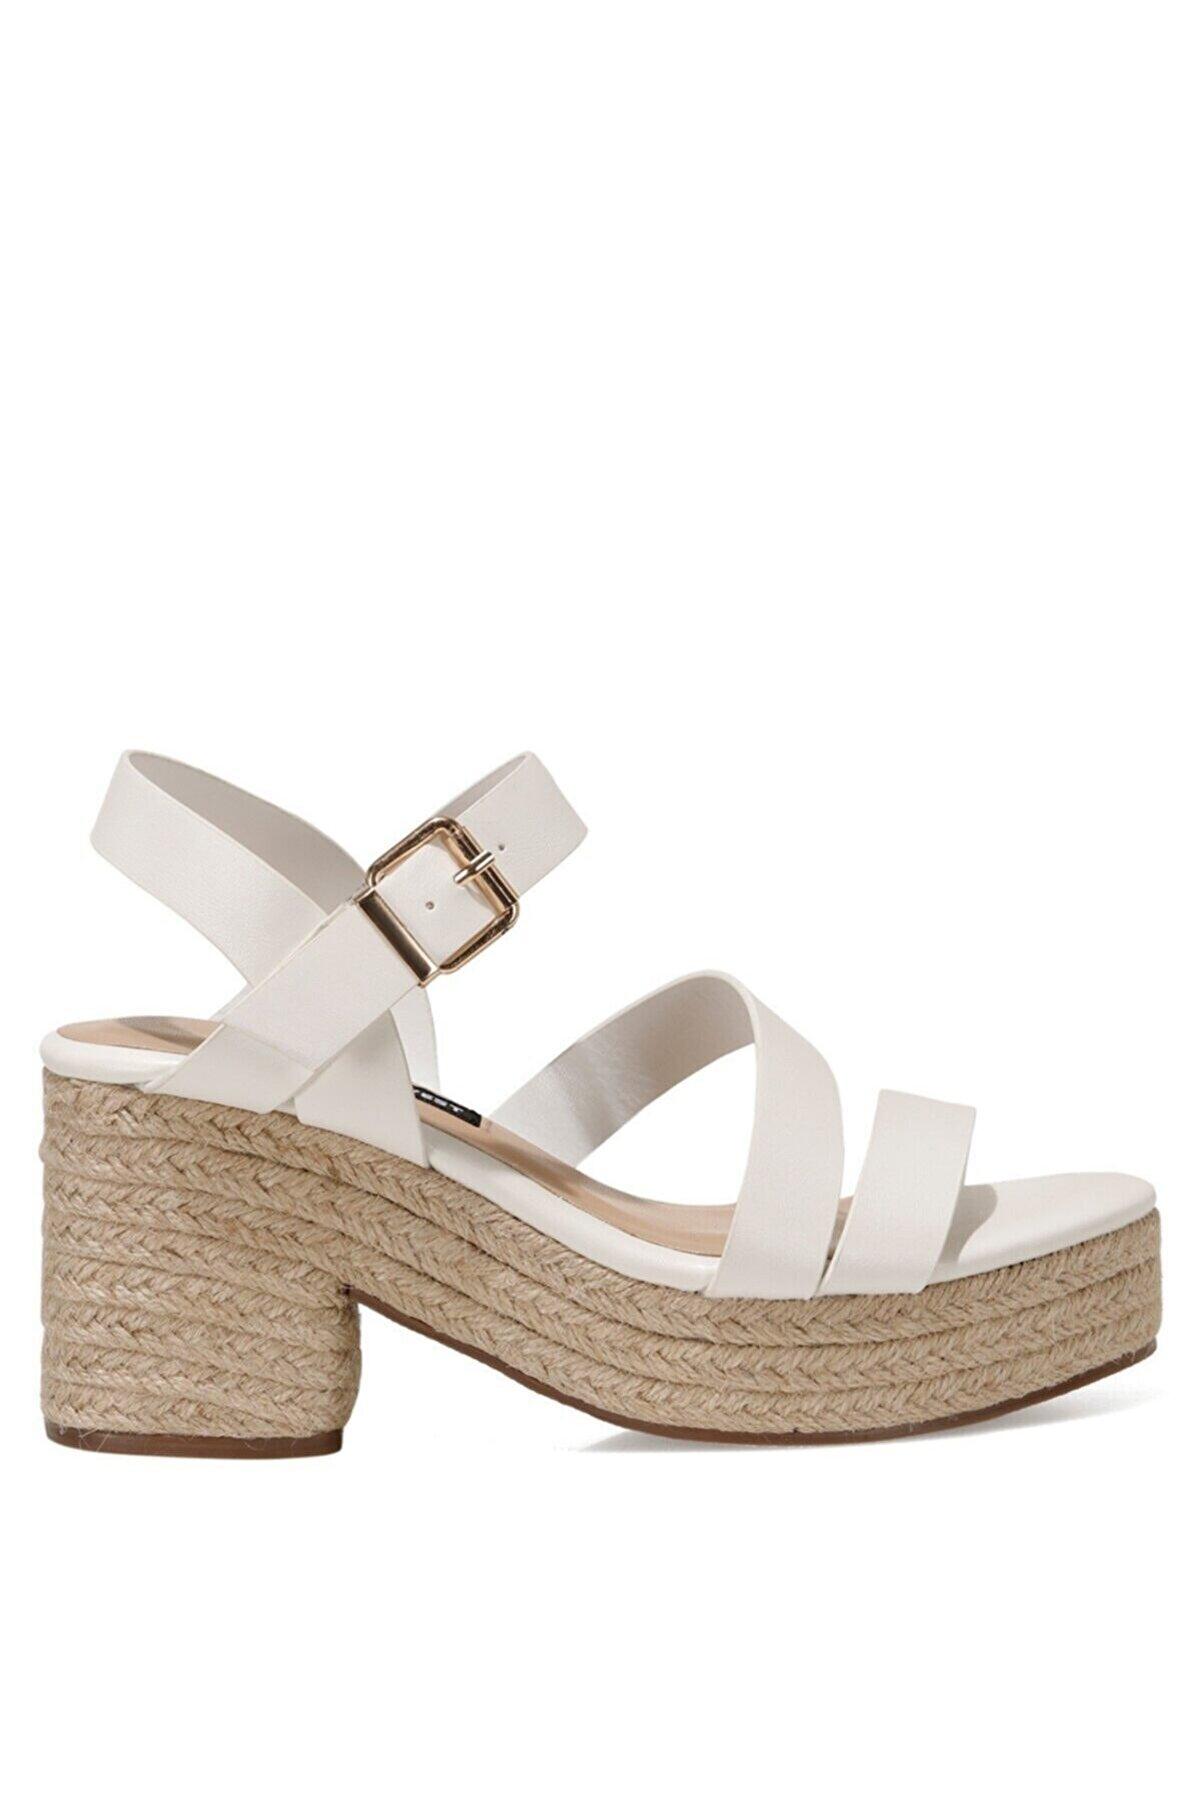 Nine West WEASA 1FX Beyaz Kadın Topuklu Ayakkabı 101030113